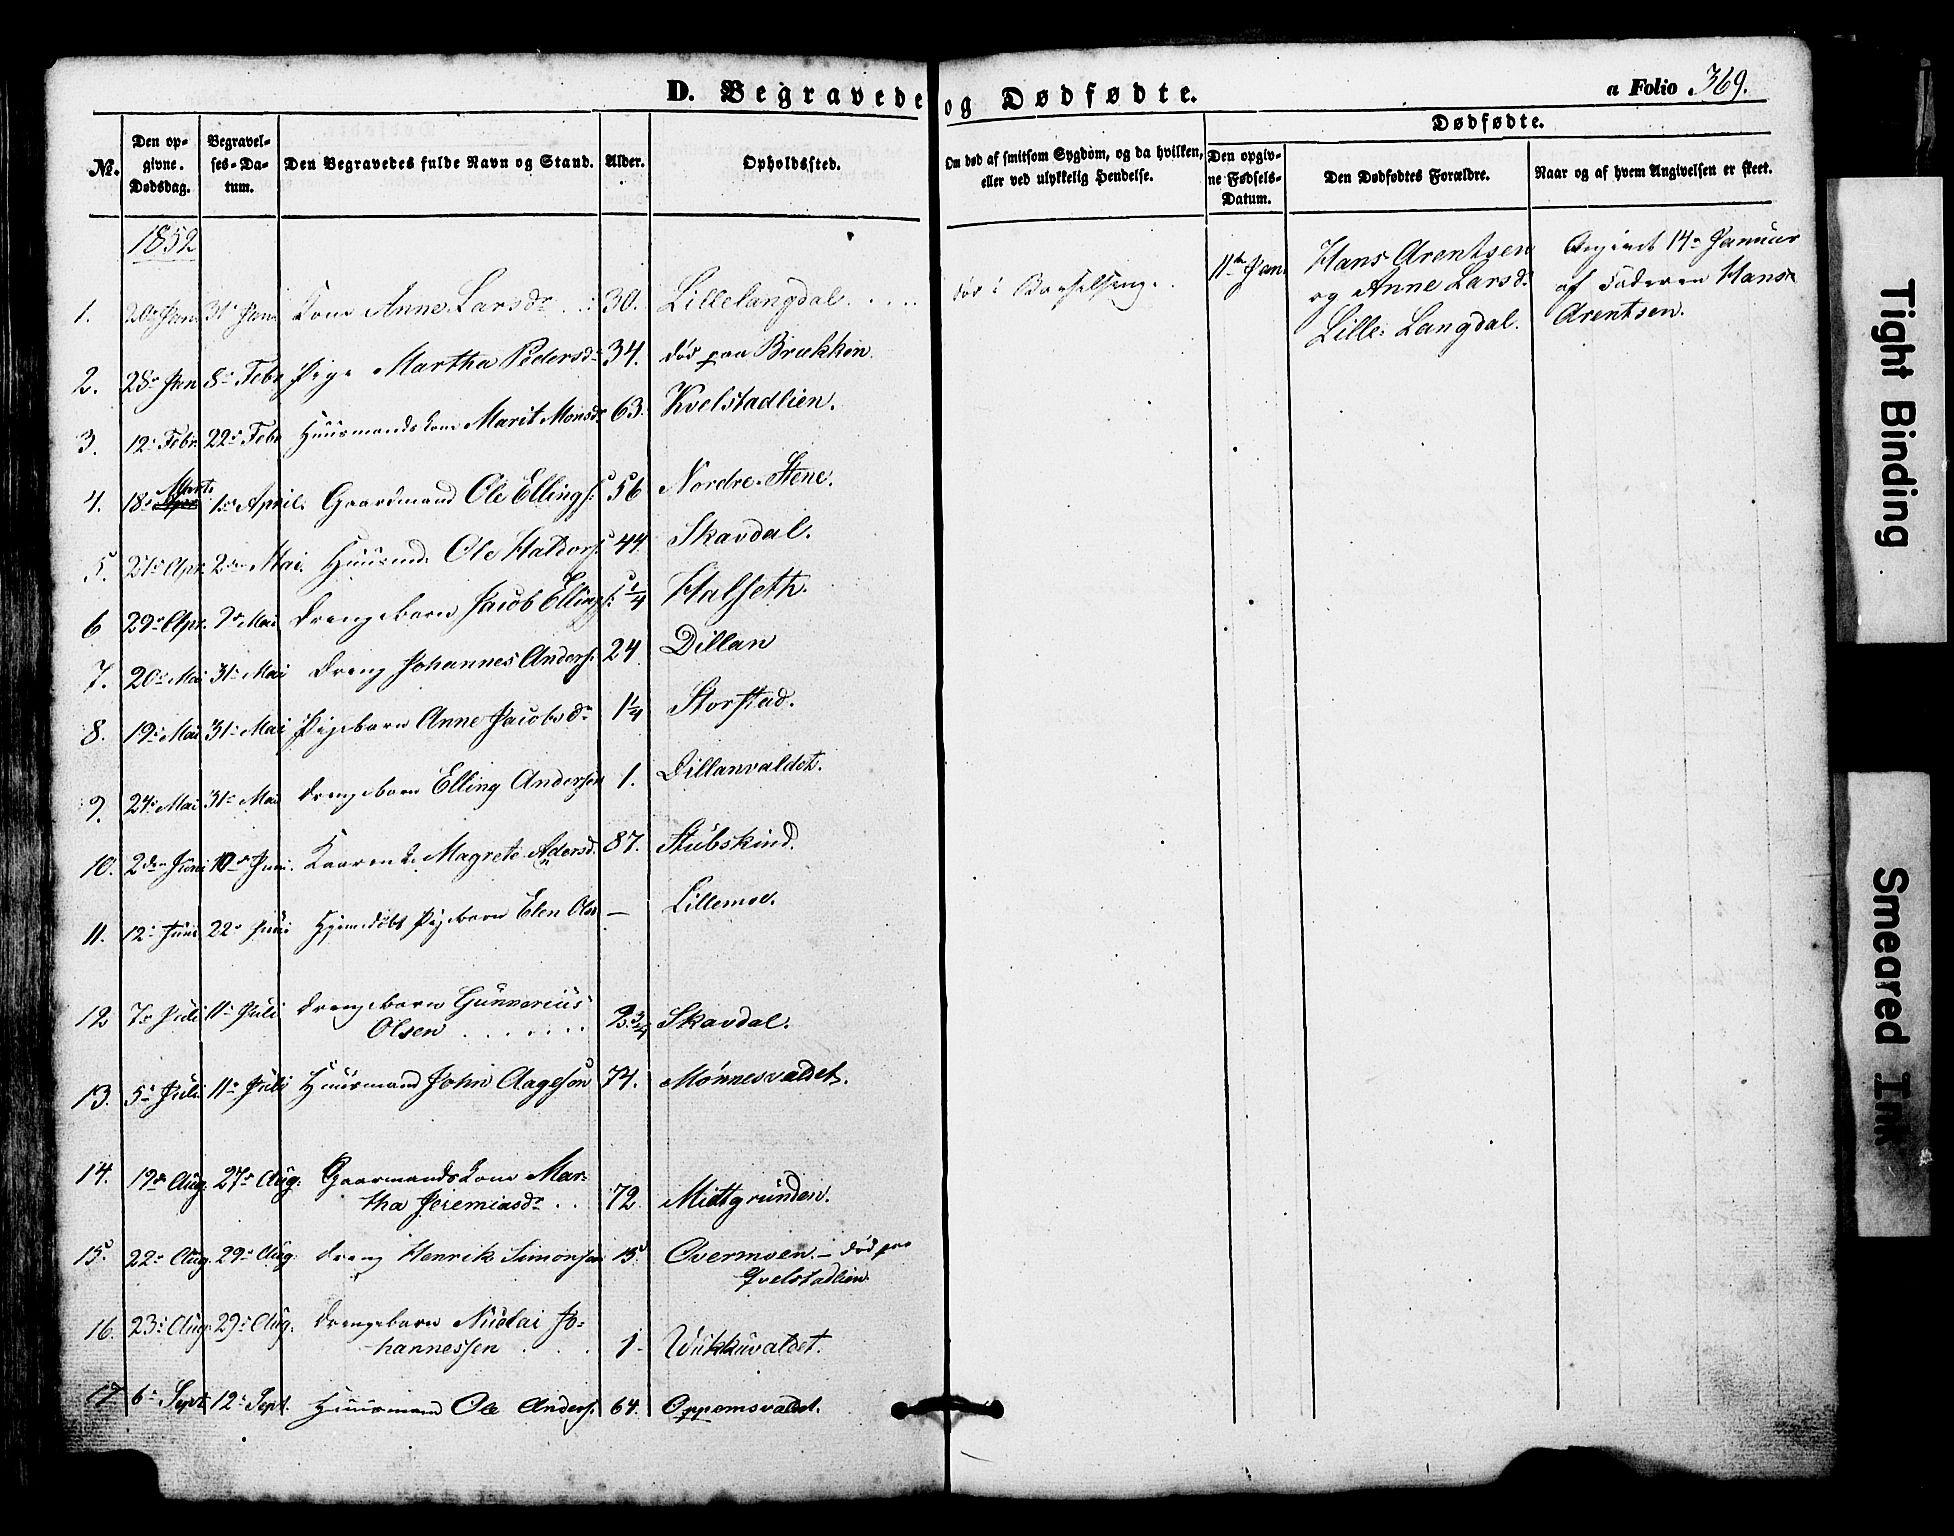 SAT, Ministerialprotokoller, klokkerbøker og fødselsregistre - Nord-Trøndelag, 724/L0268: Klokkerbok nr. 724C04, 1846-1878, s. 369